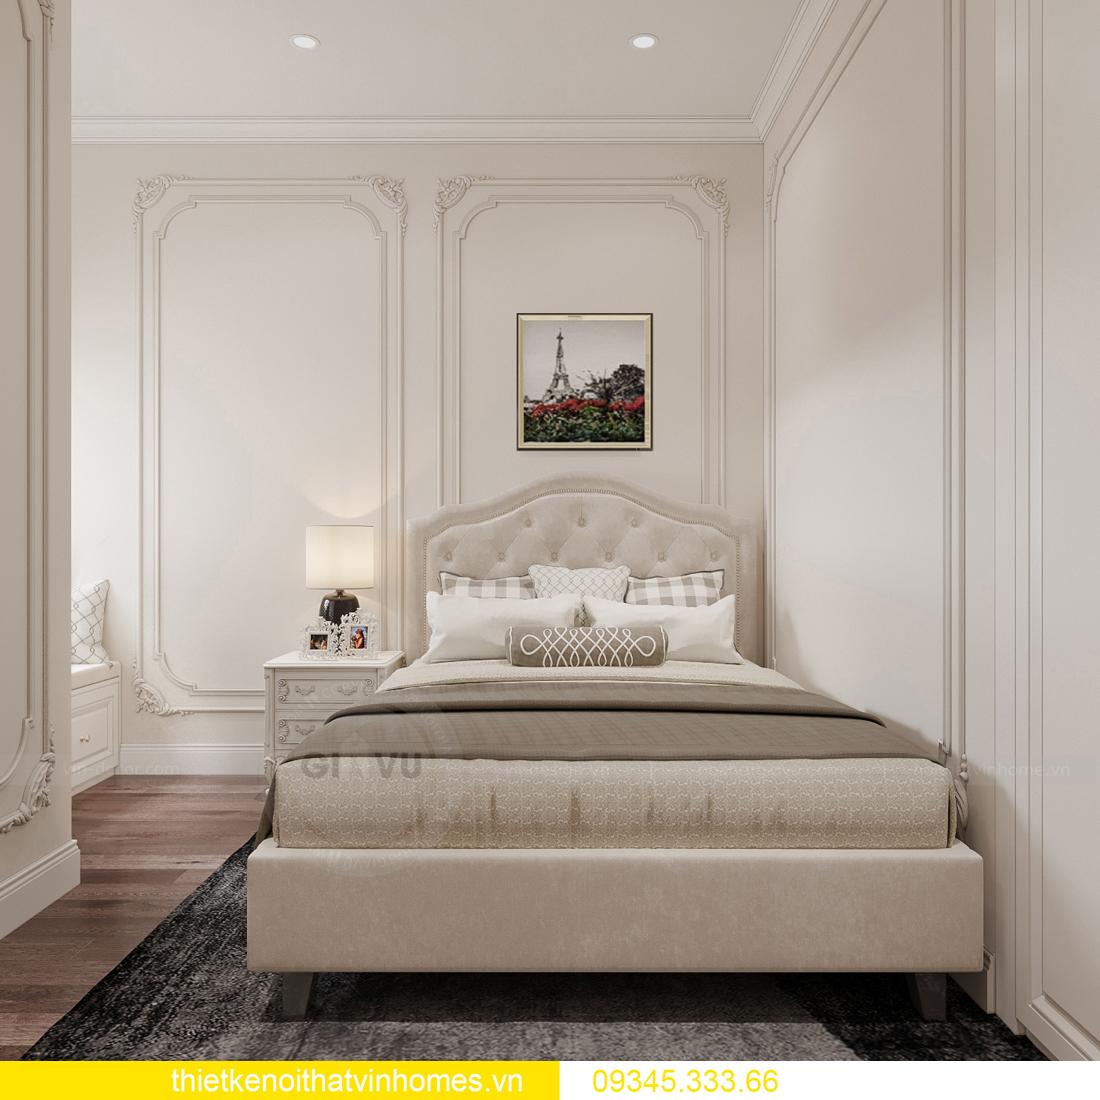 thiết kế nội thất căn hộ chung cư tân cổ điển nhà chị Như 13